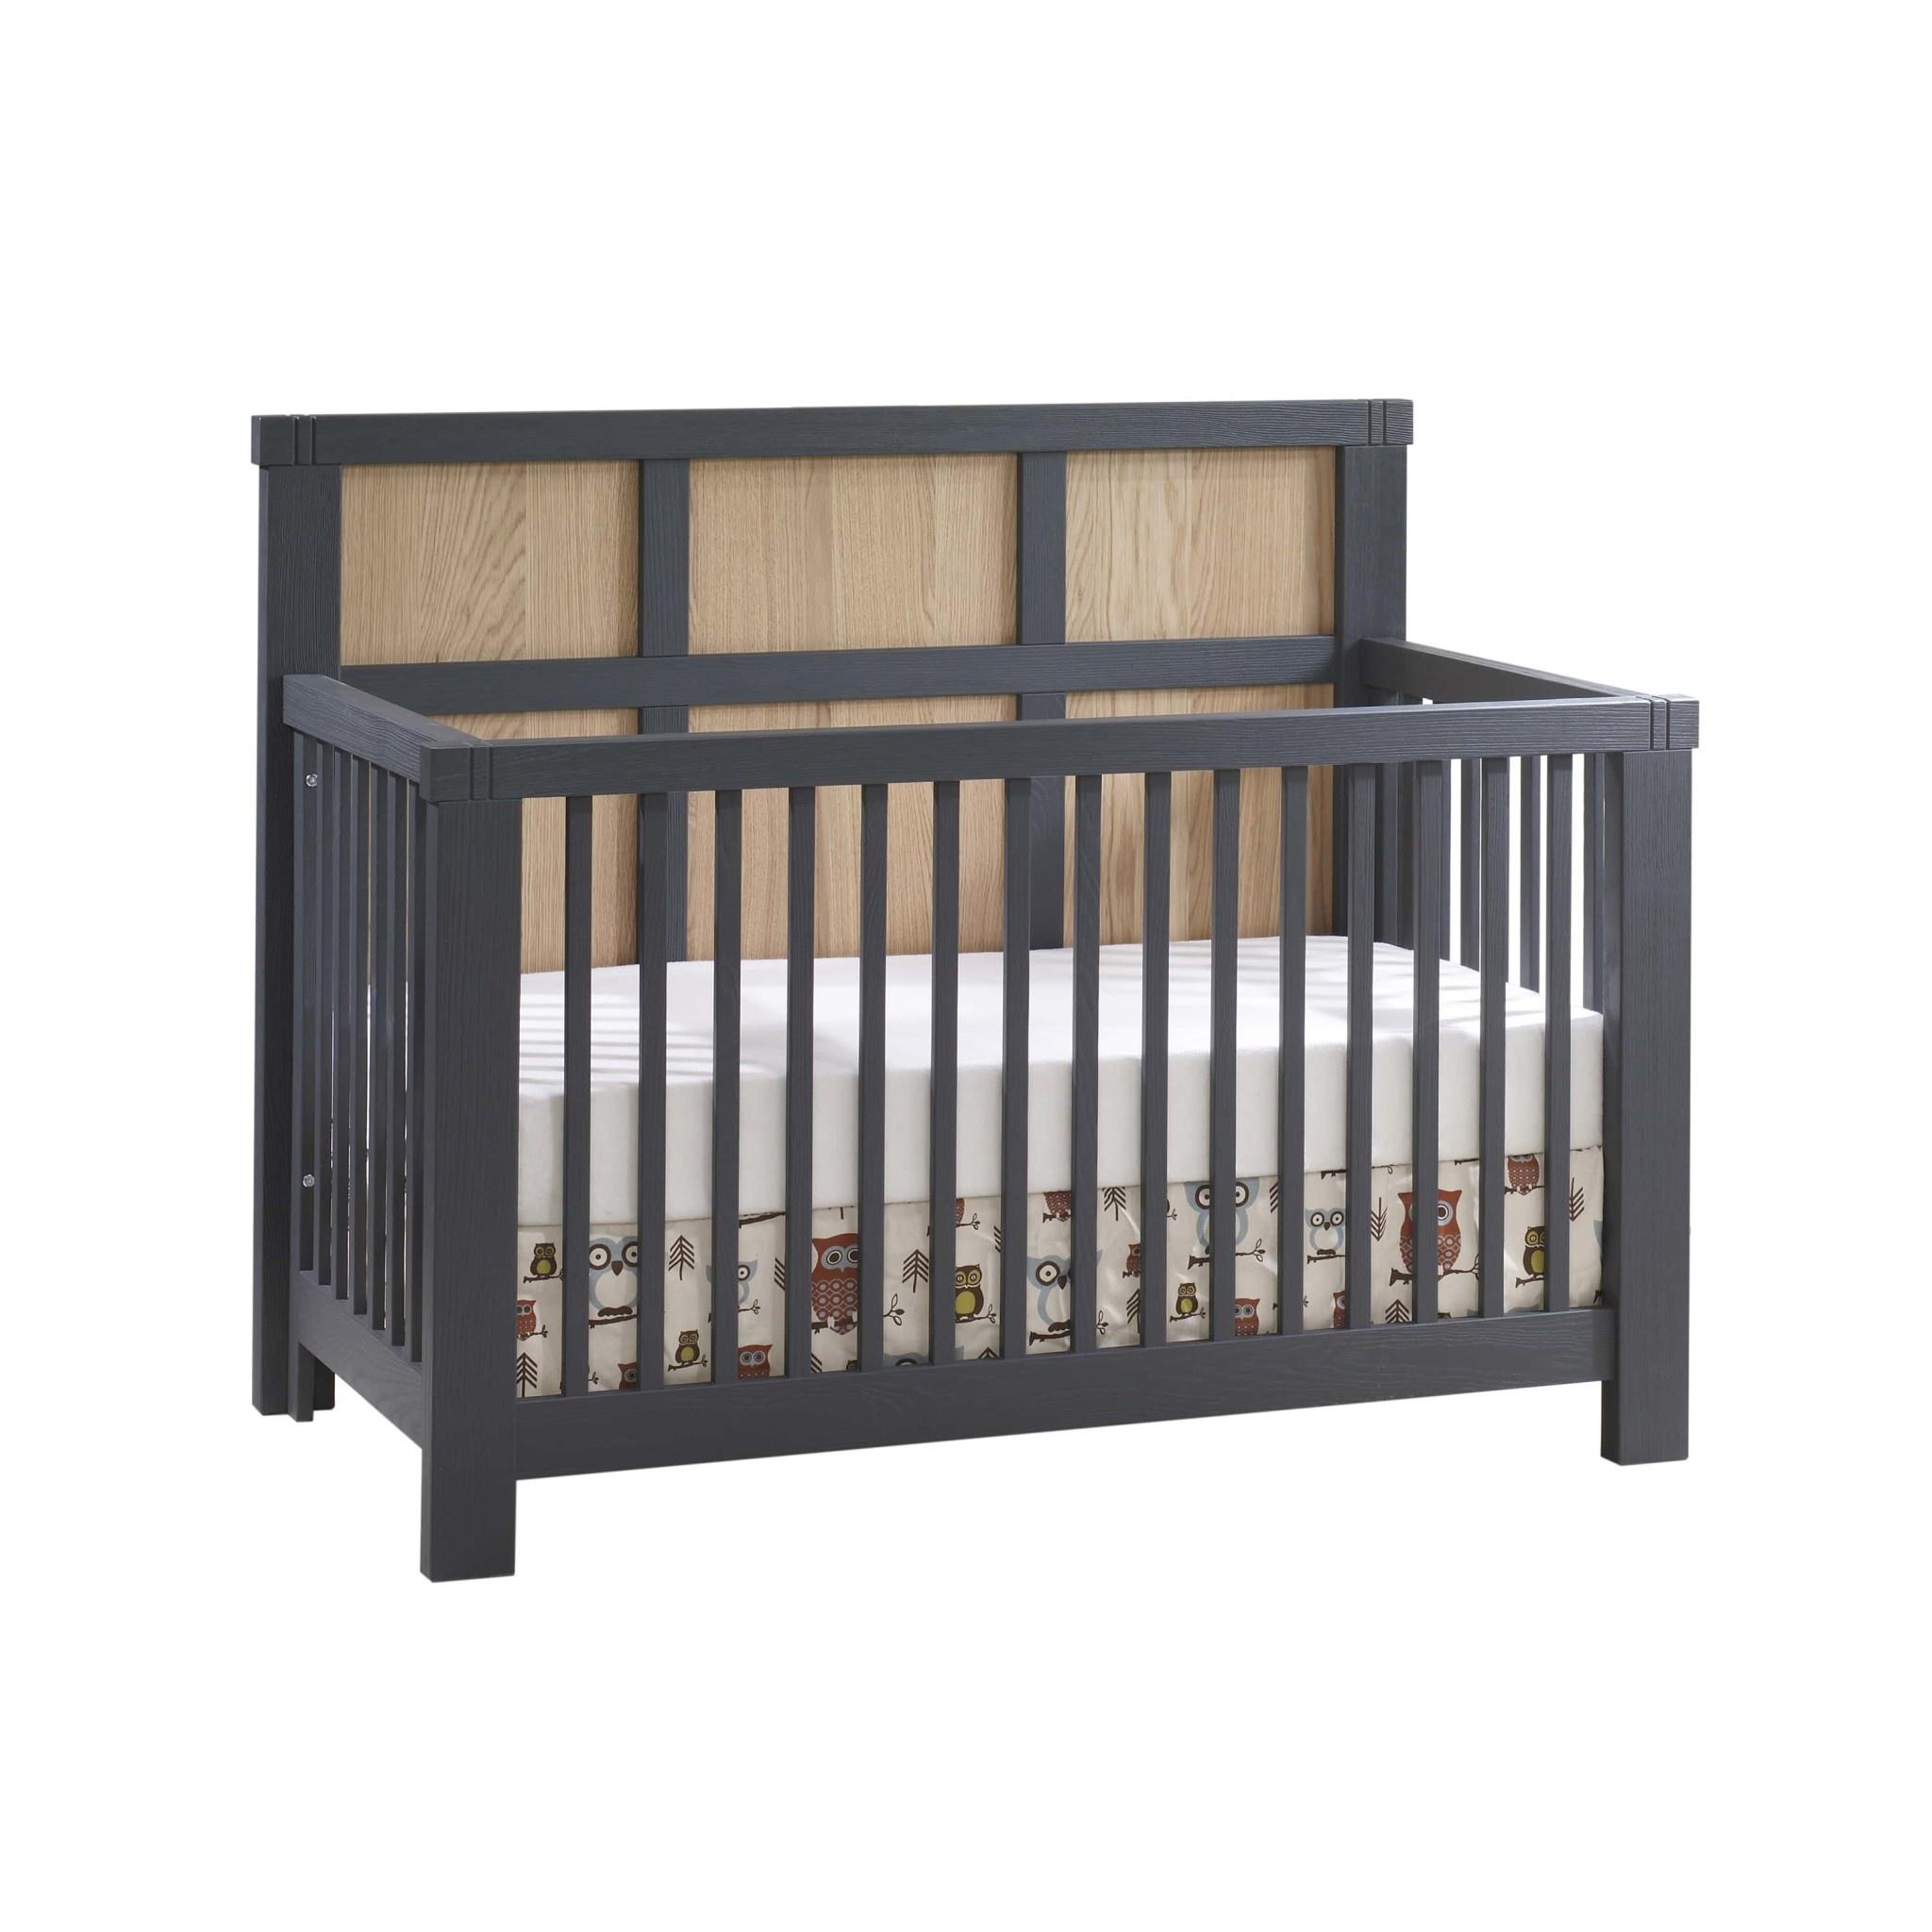 Natart Juvenile Rustico Moderno Convertible Crib